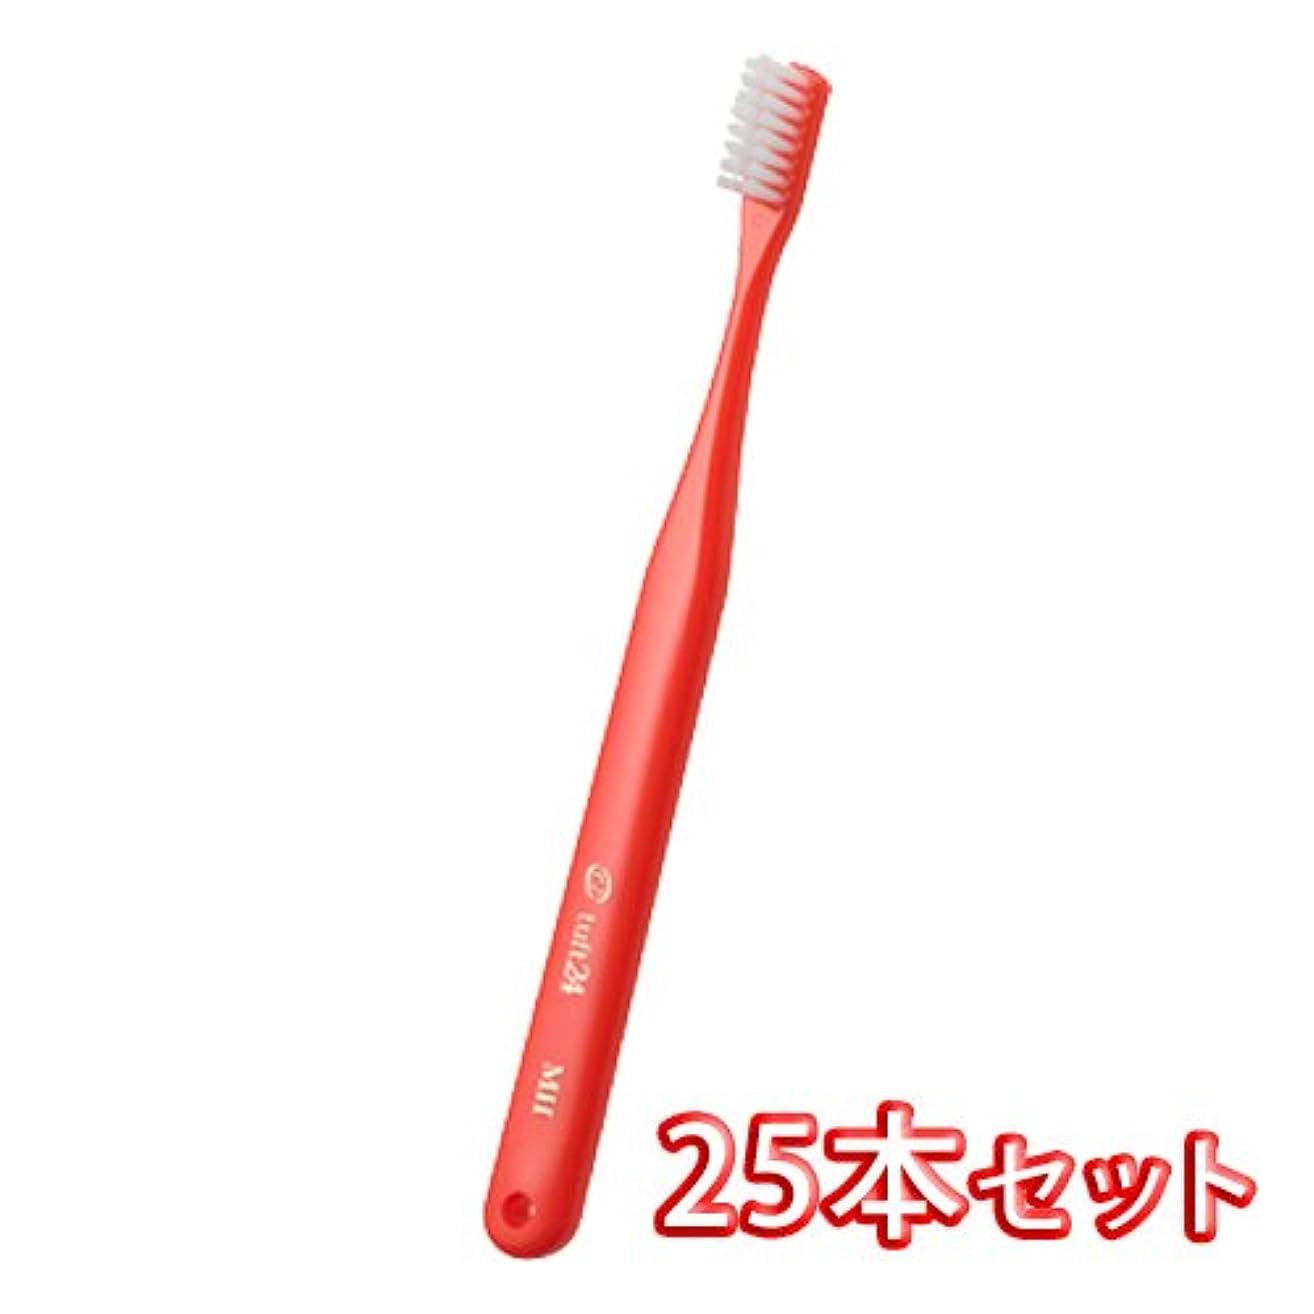 オーラルケア キャップ付き タフト 24歯ブラシ 25本入 ミディアム M (レッド)